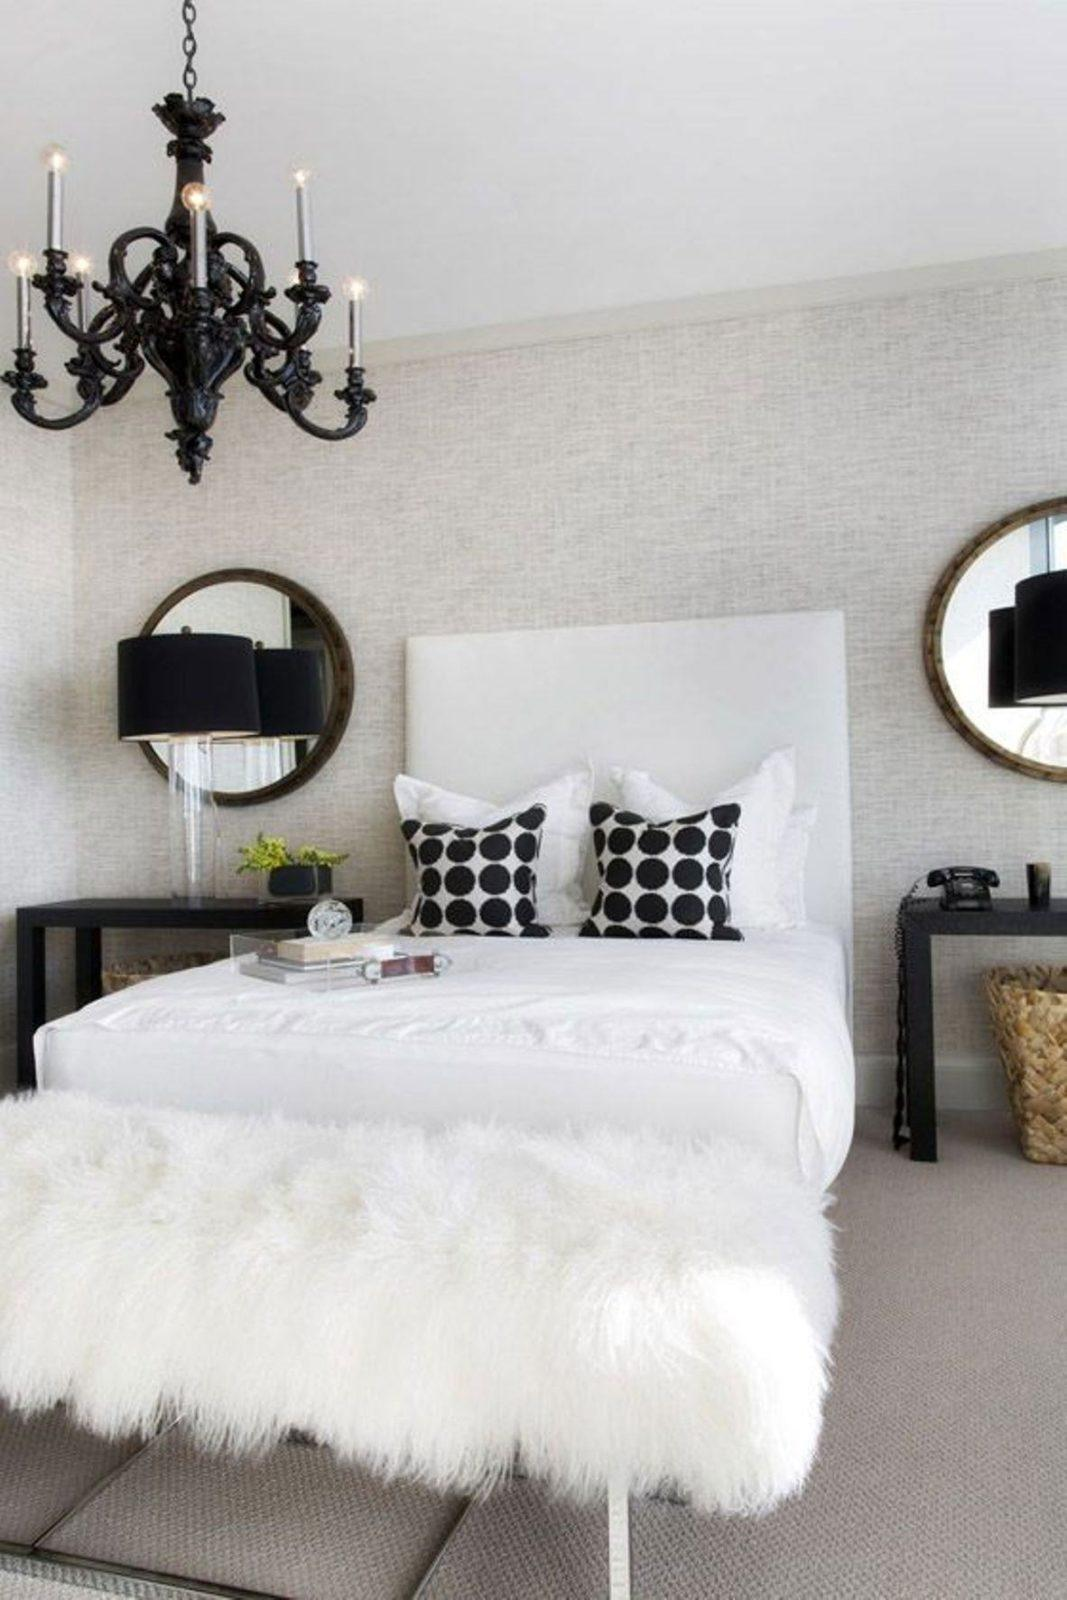 Люстры для спальни: 60 моделей в интерьере 5 | Дока-Мастер